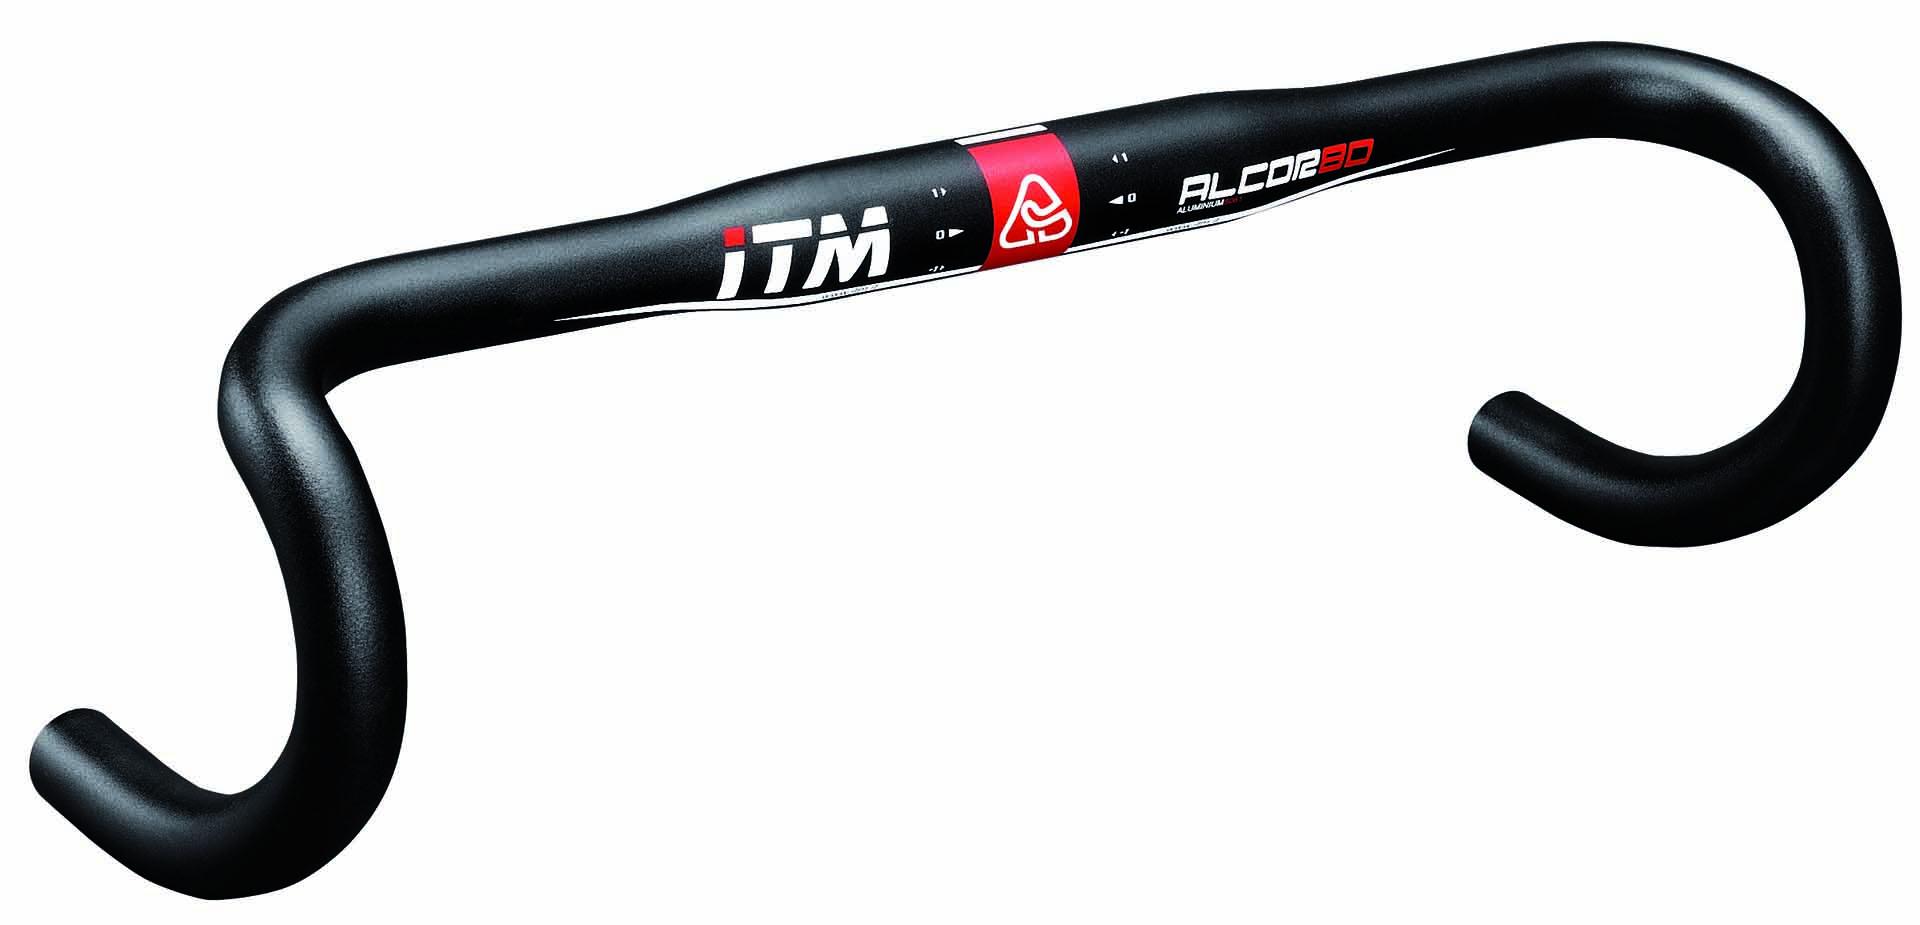 ITM Alcor 80 Alutech Wing Aluminum AL6061 MTB Road Bike Seatpost White